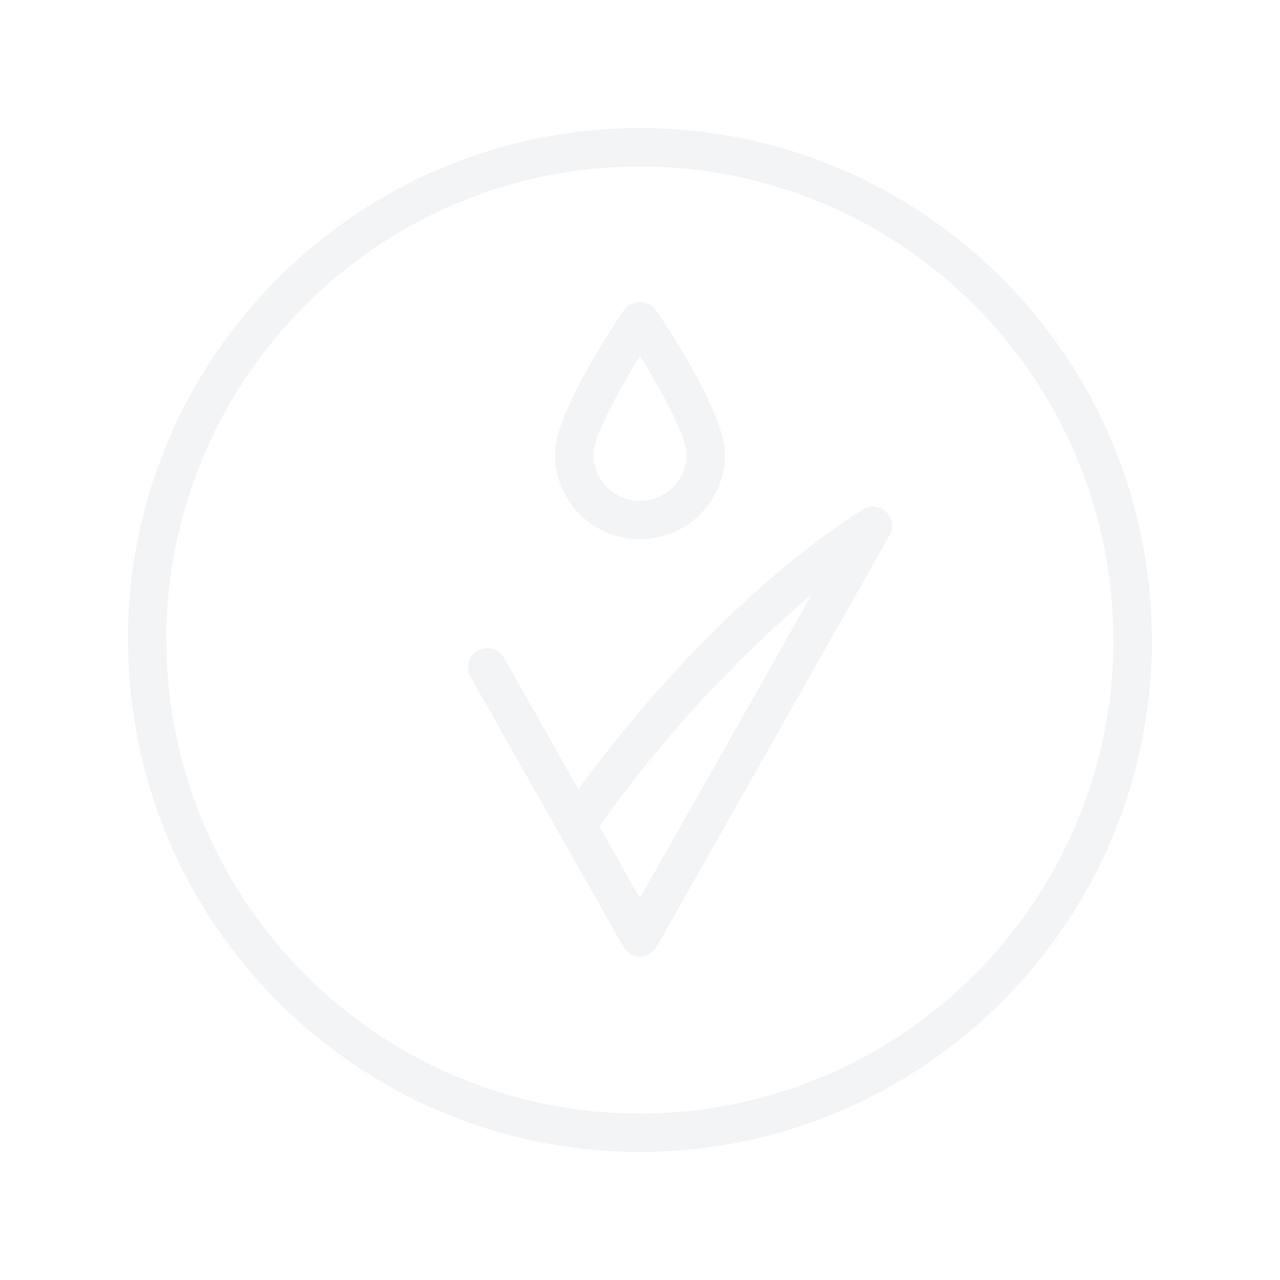 Chanel Poudre Universelle Compacte Powder 15g